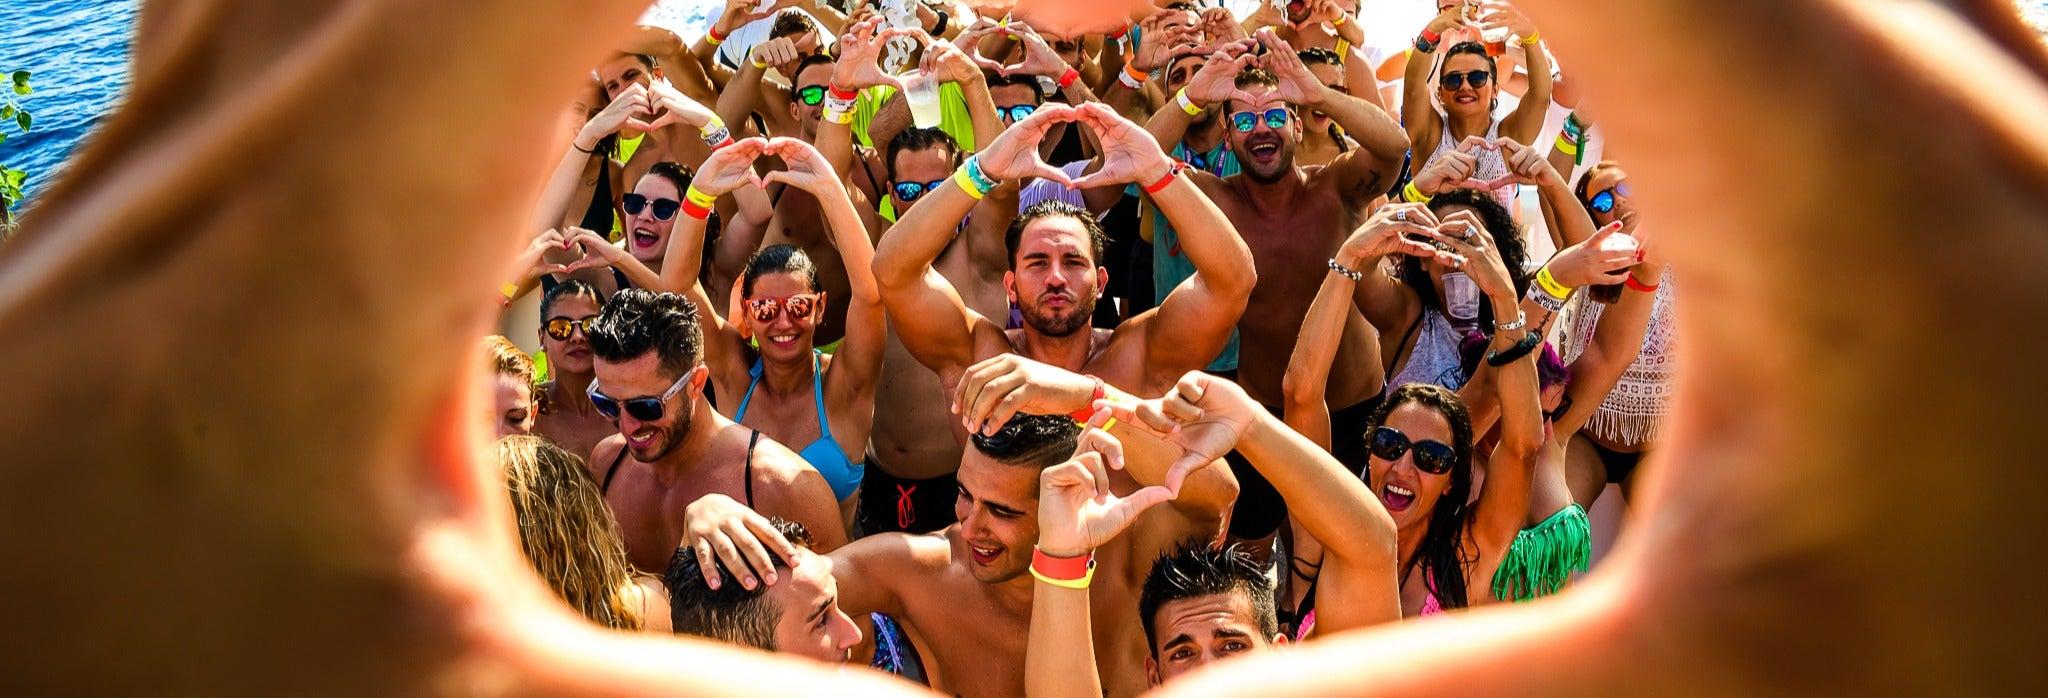 Fiesta en barco al atardecer y discoteca en Playa d'en Bossa